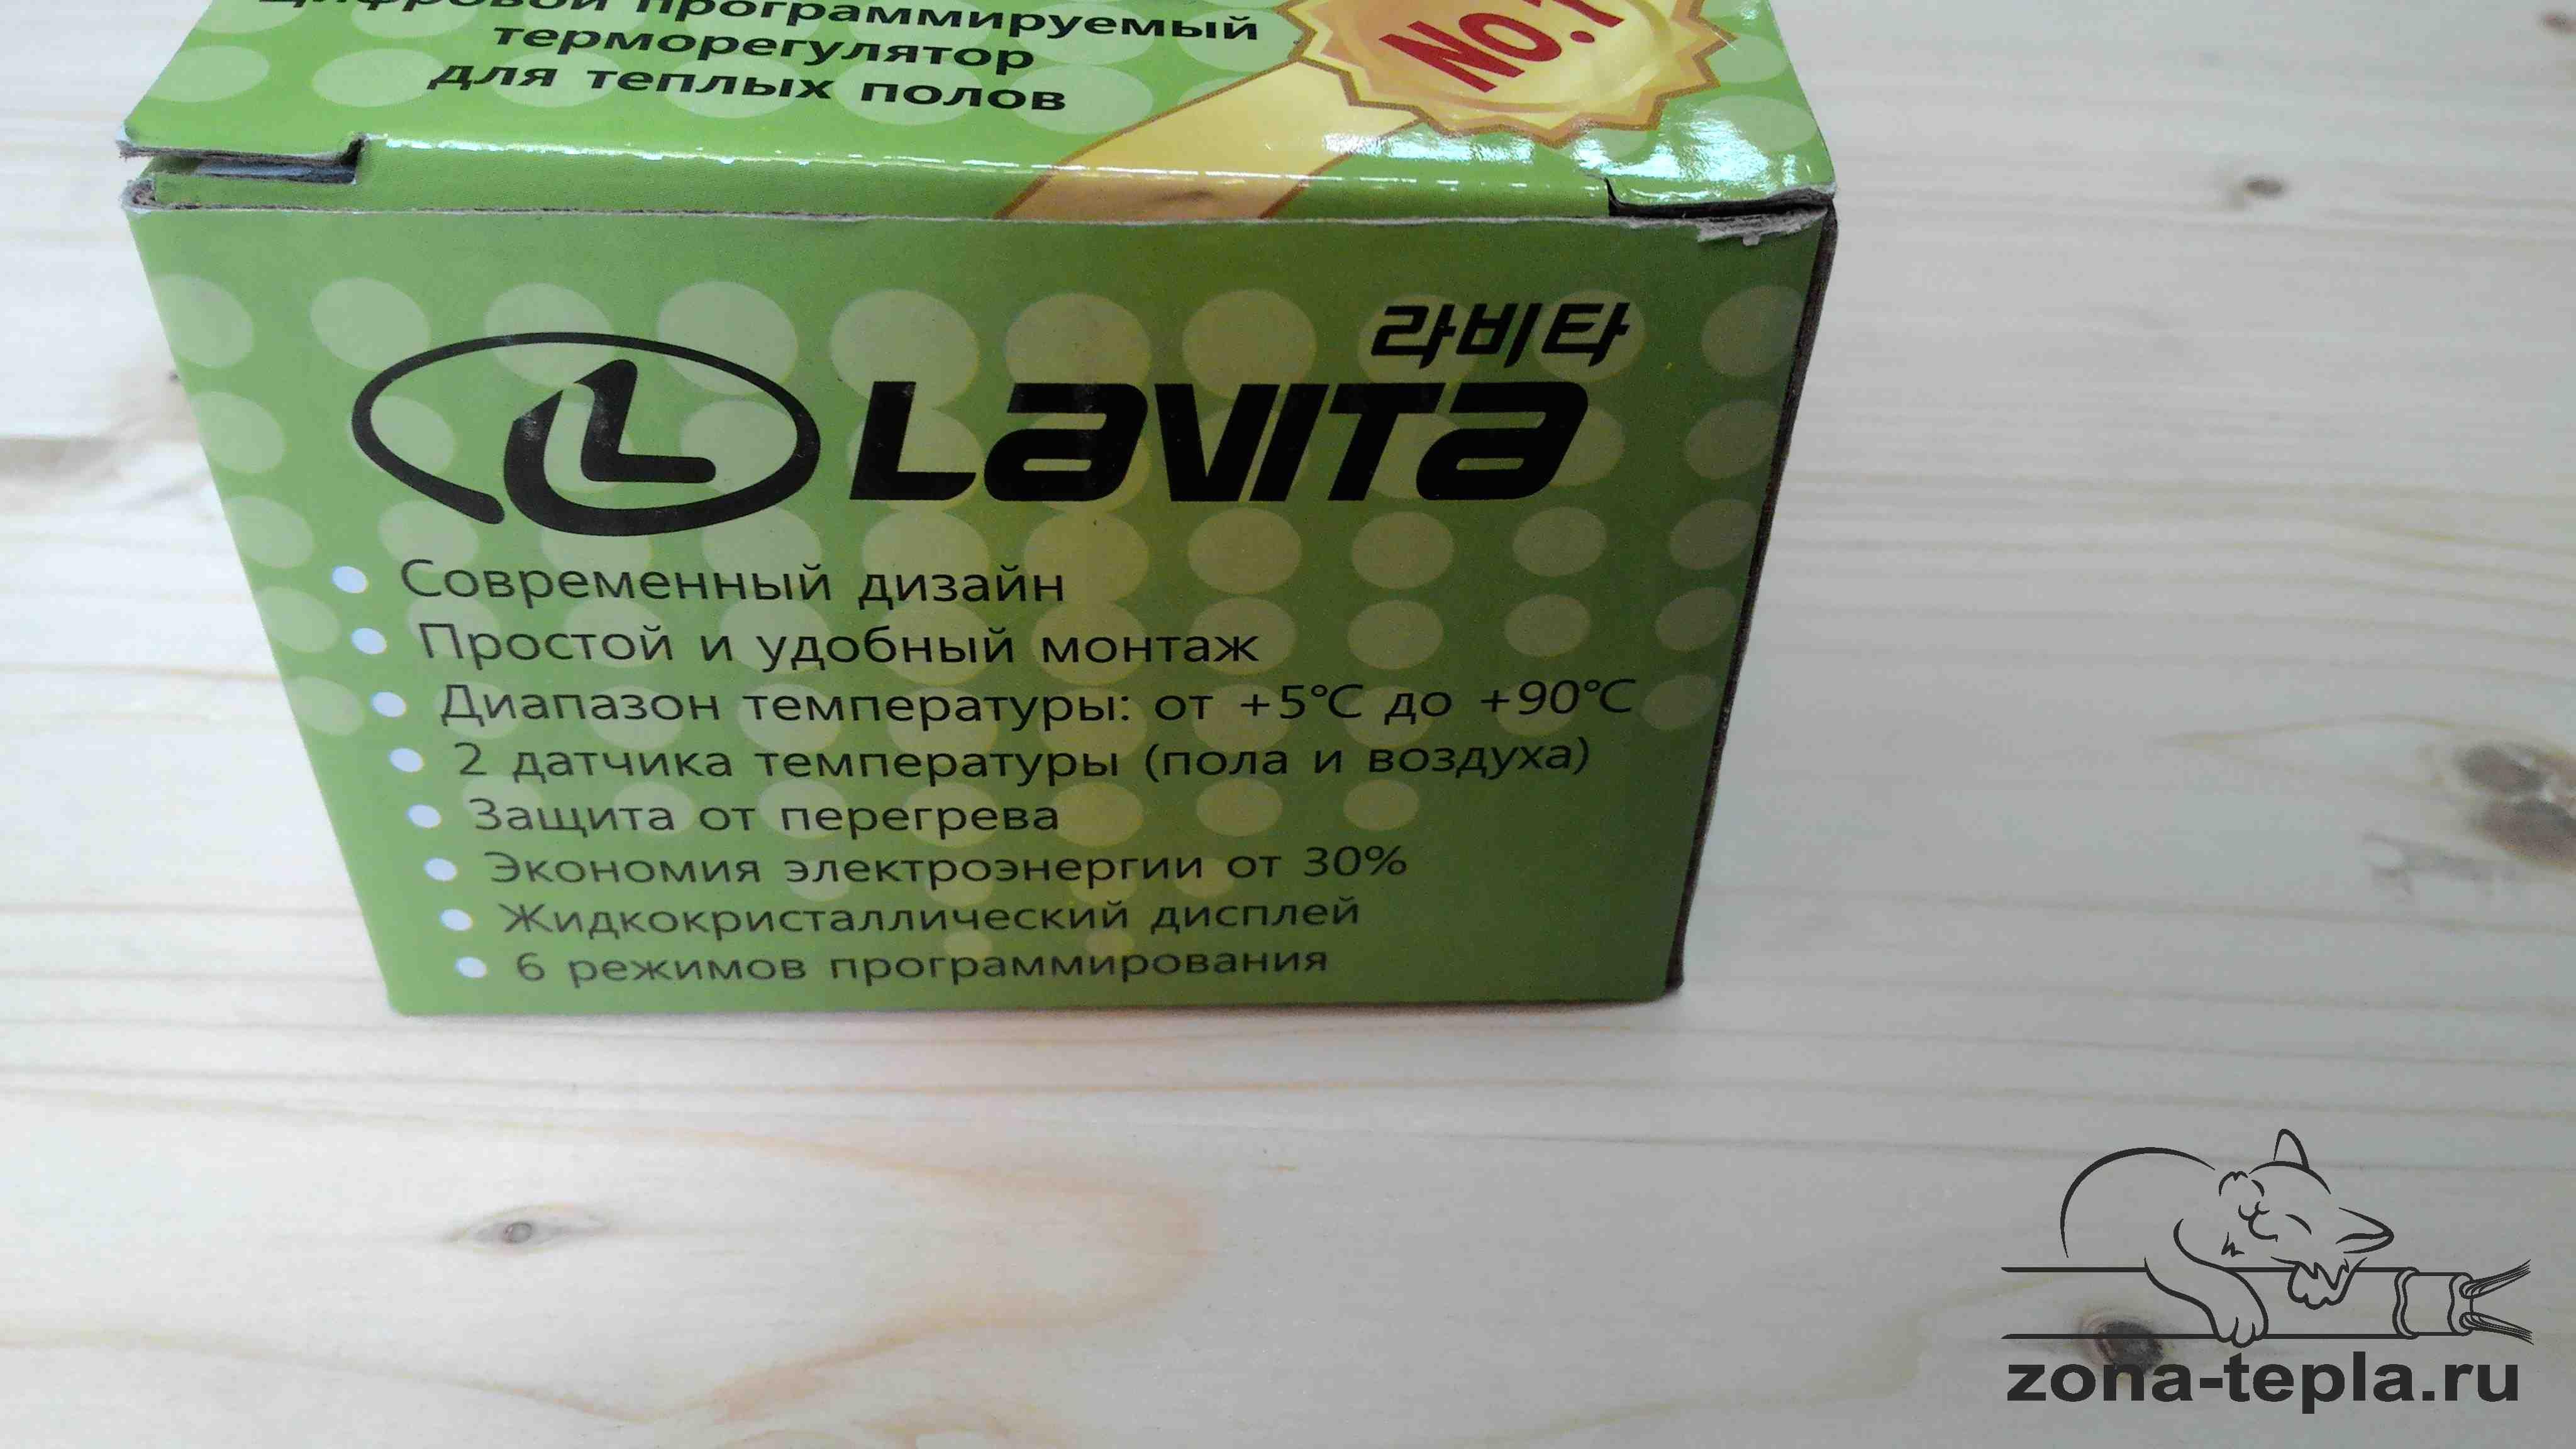 Терморегулятор для теплого пола Lavita E51.716 описание на упаковке